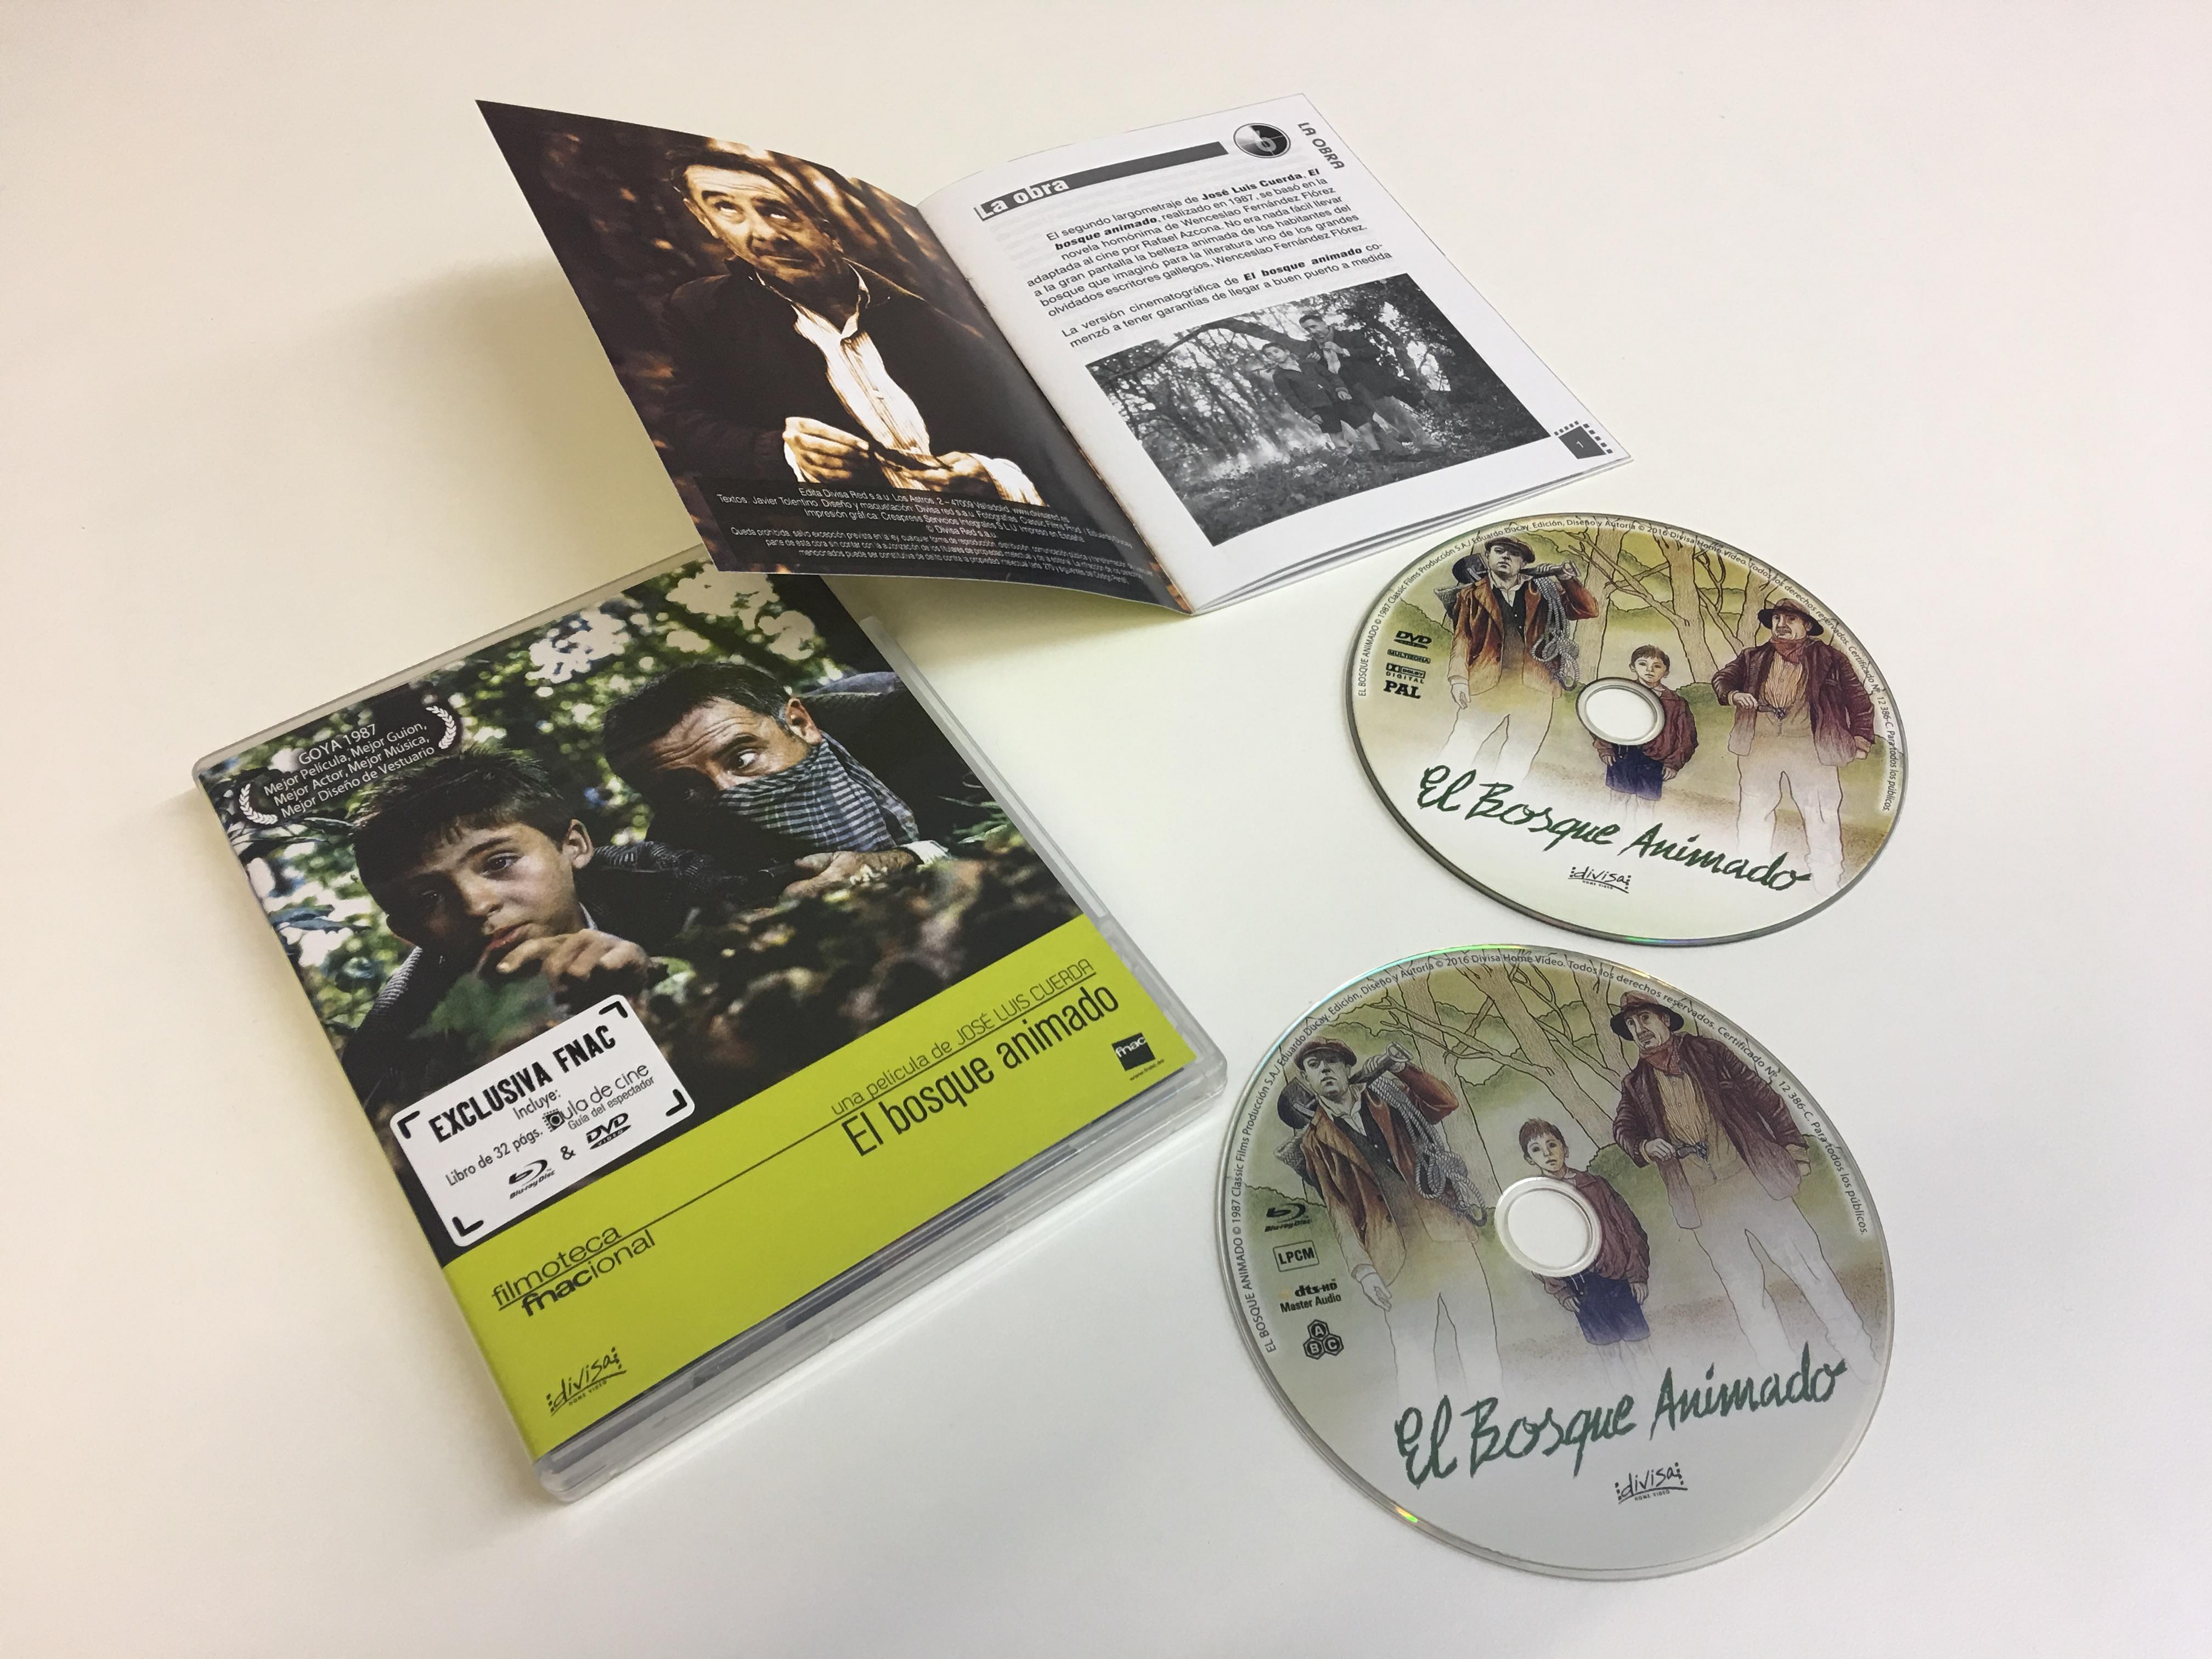 El Bosque Animado - Filmoteca Fnac Blu-ray